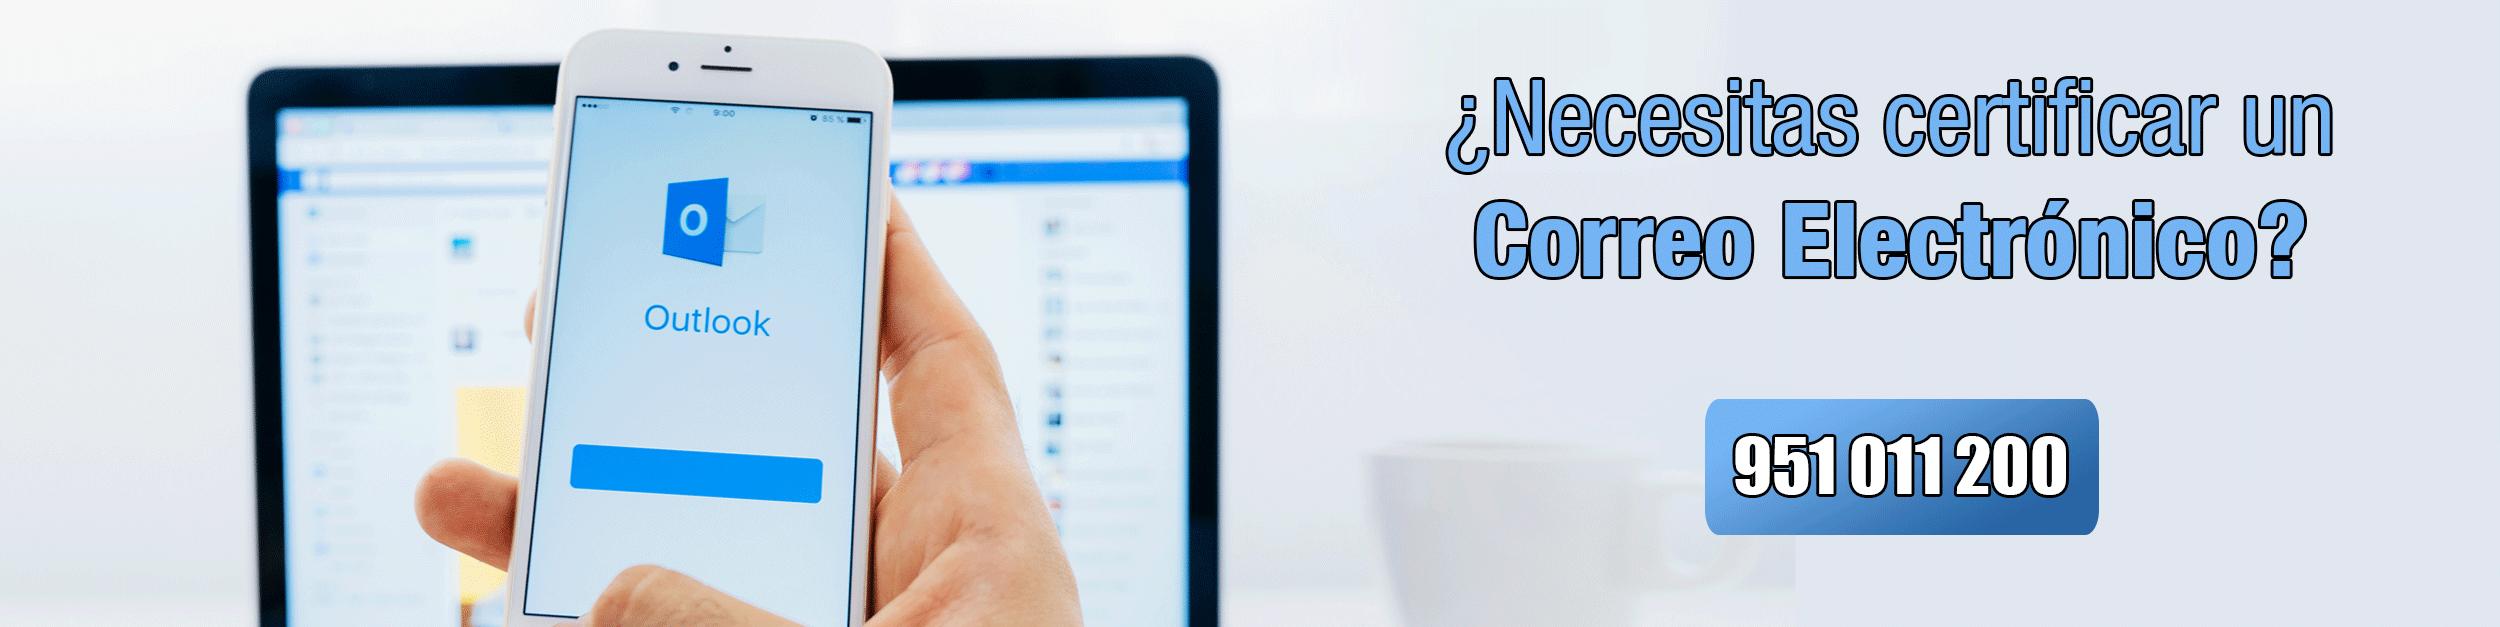 Certificación de correos electrónicos